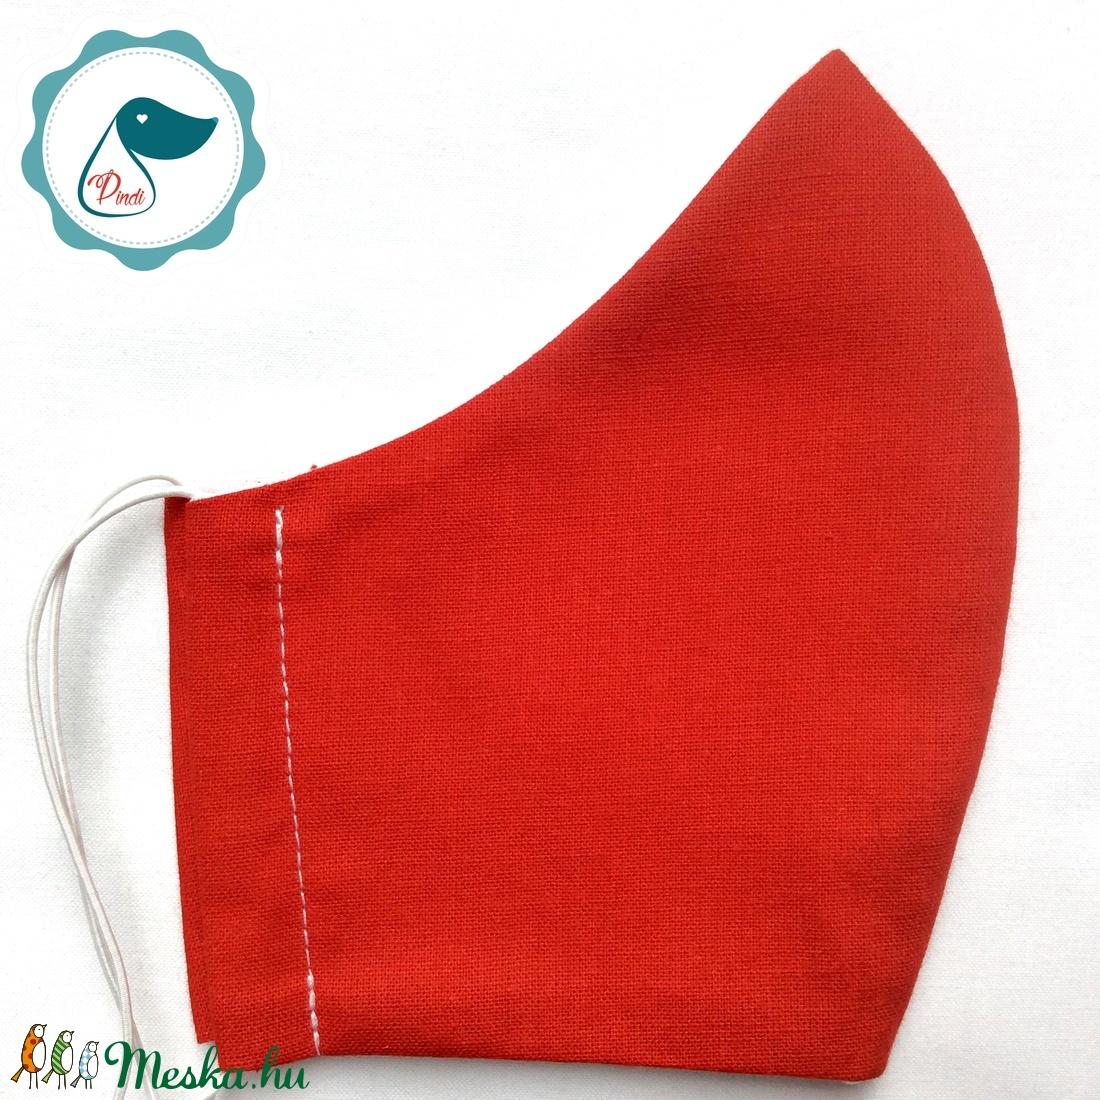 Egyedi szájmaszk -piros férfi szájmaszk - textil szájmaszk - egészségügyi szájmaszk - maszk, arcmaszk - férfi & uniszex - férfi & uniszex - Meska.hu